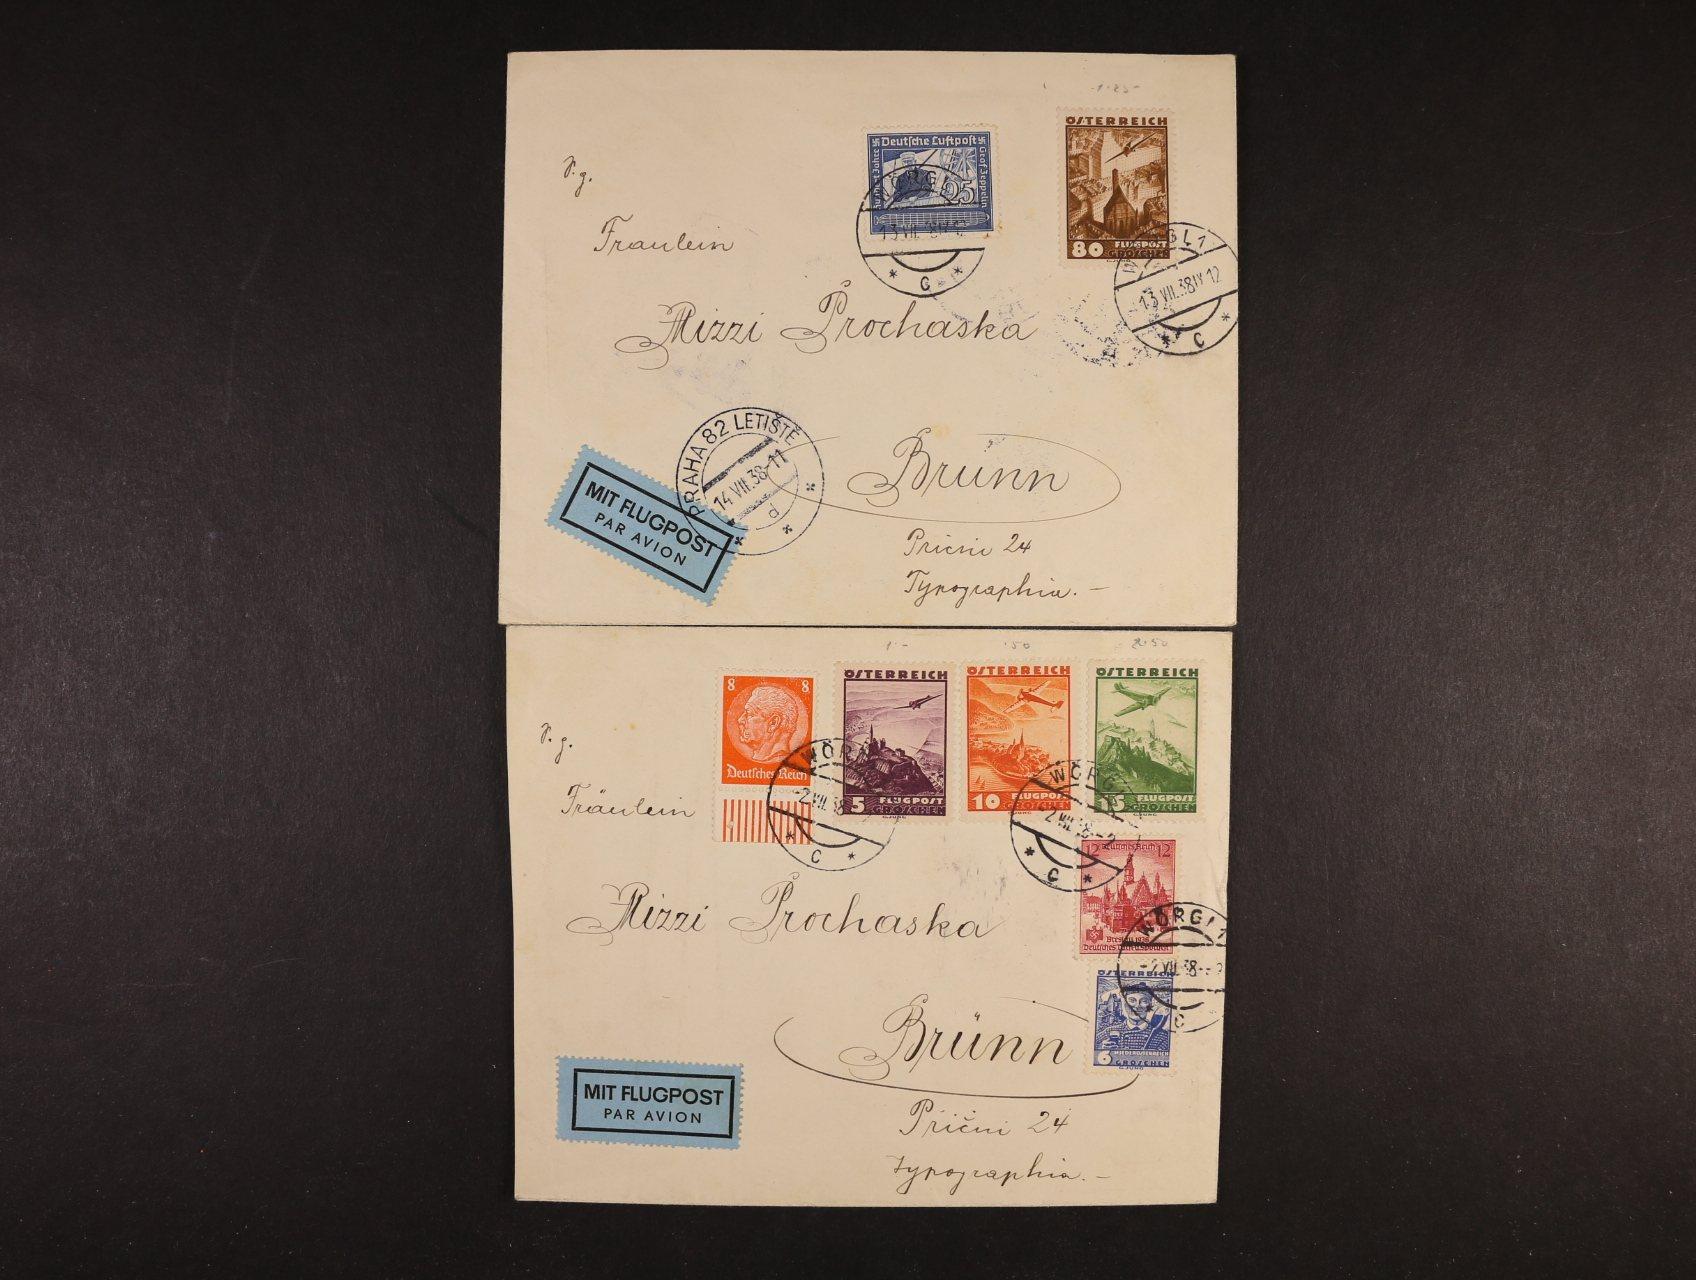 dva let. dopisy do Brna z r. 1938 (Anschluss), se smíš. rakousko-něm. frankaturou ze dne 2. a 13. 7. 1938